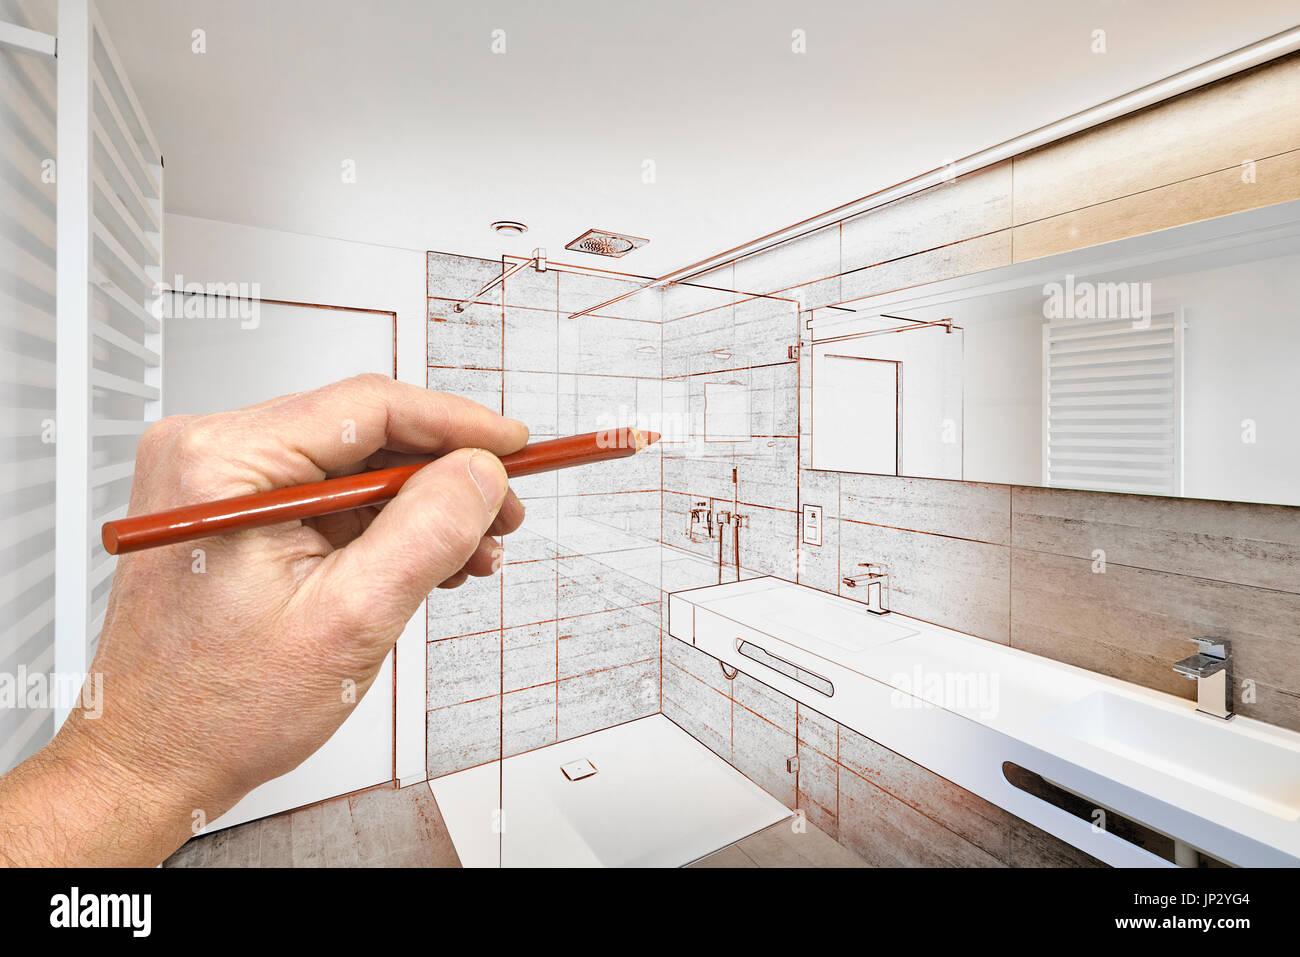 renovierung einer luxus badezimmer anwesen nach hause dusche zeichnen stockfoto bild 151270900. Black Bedroom Furniture Sets. Home Design Ideas